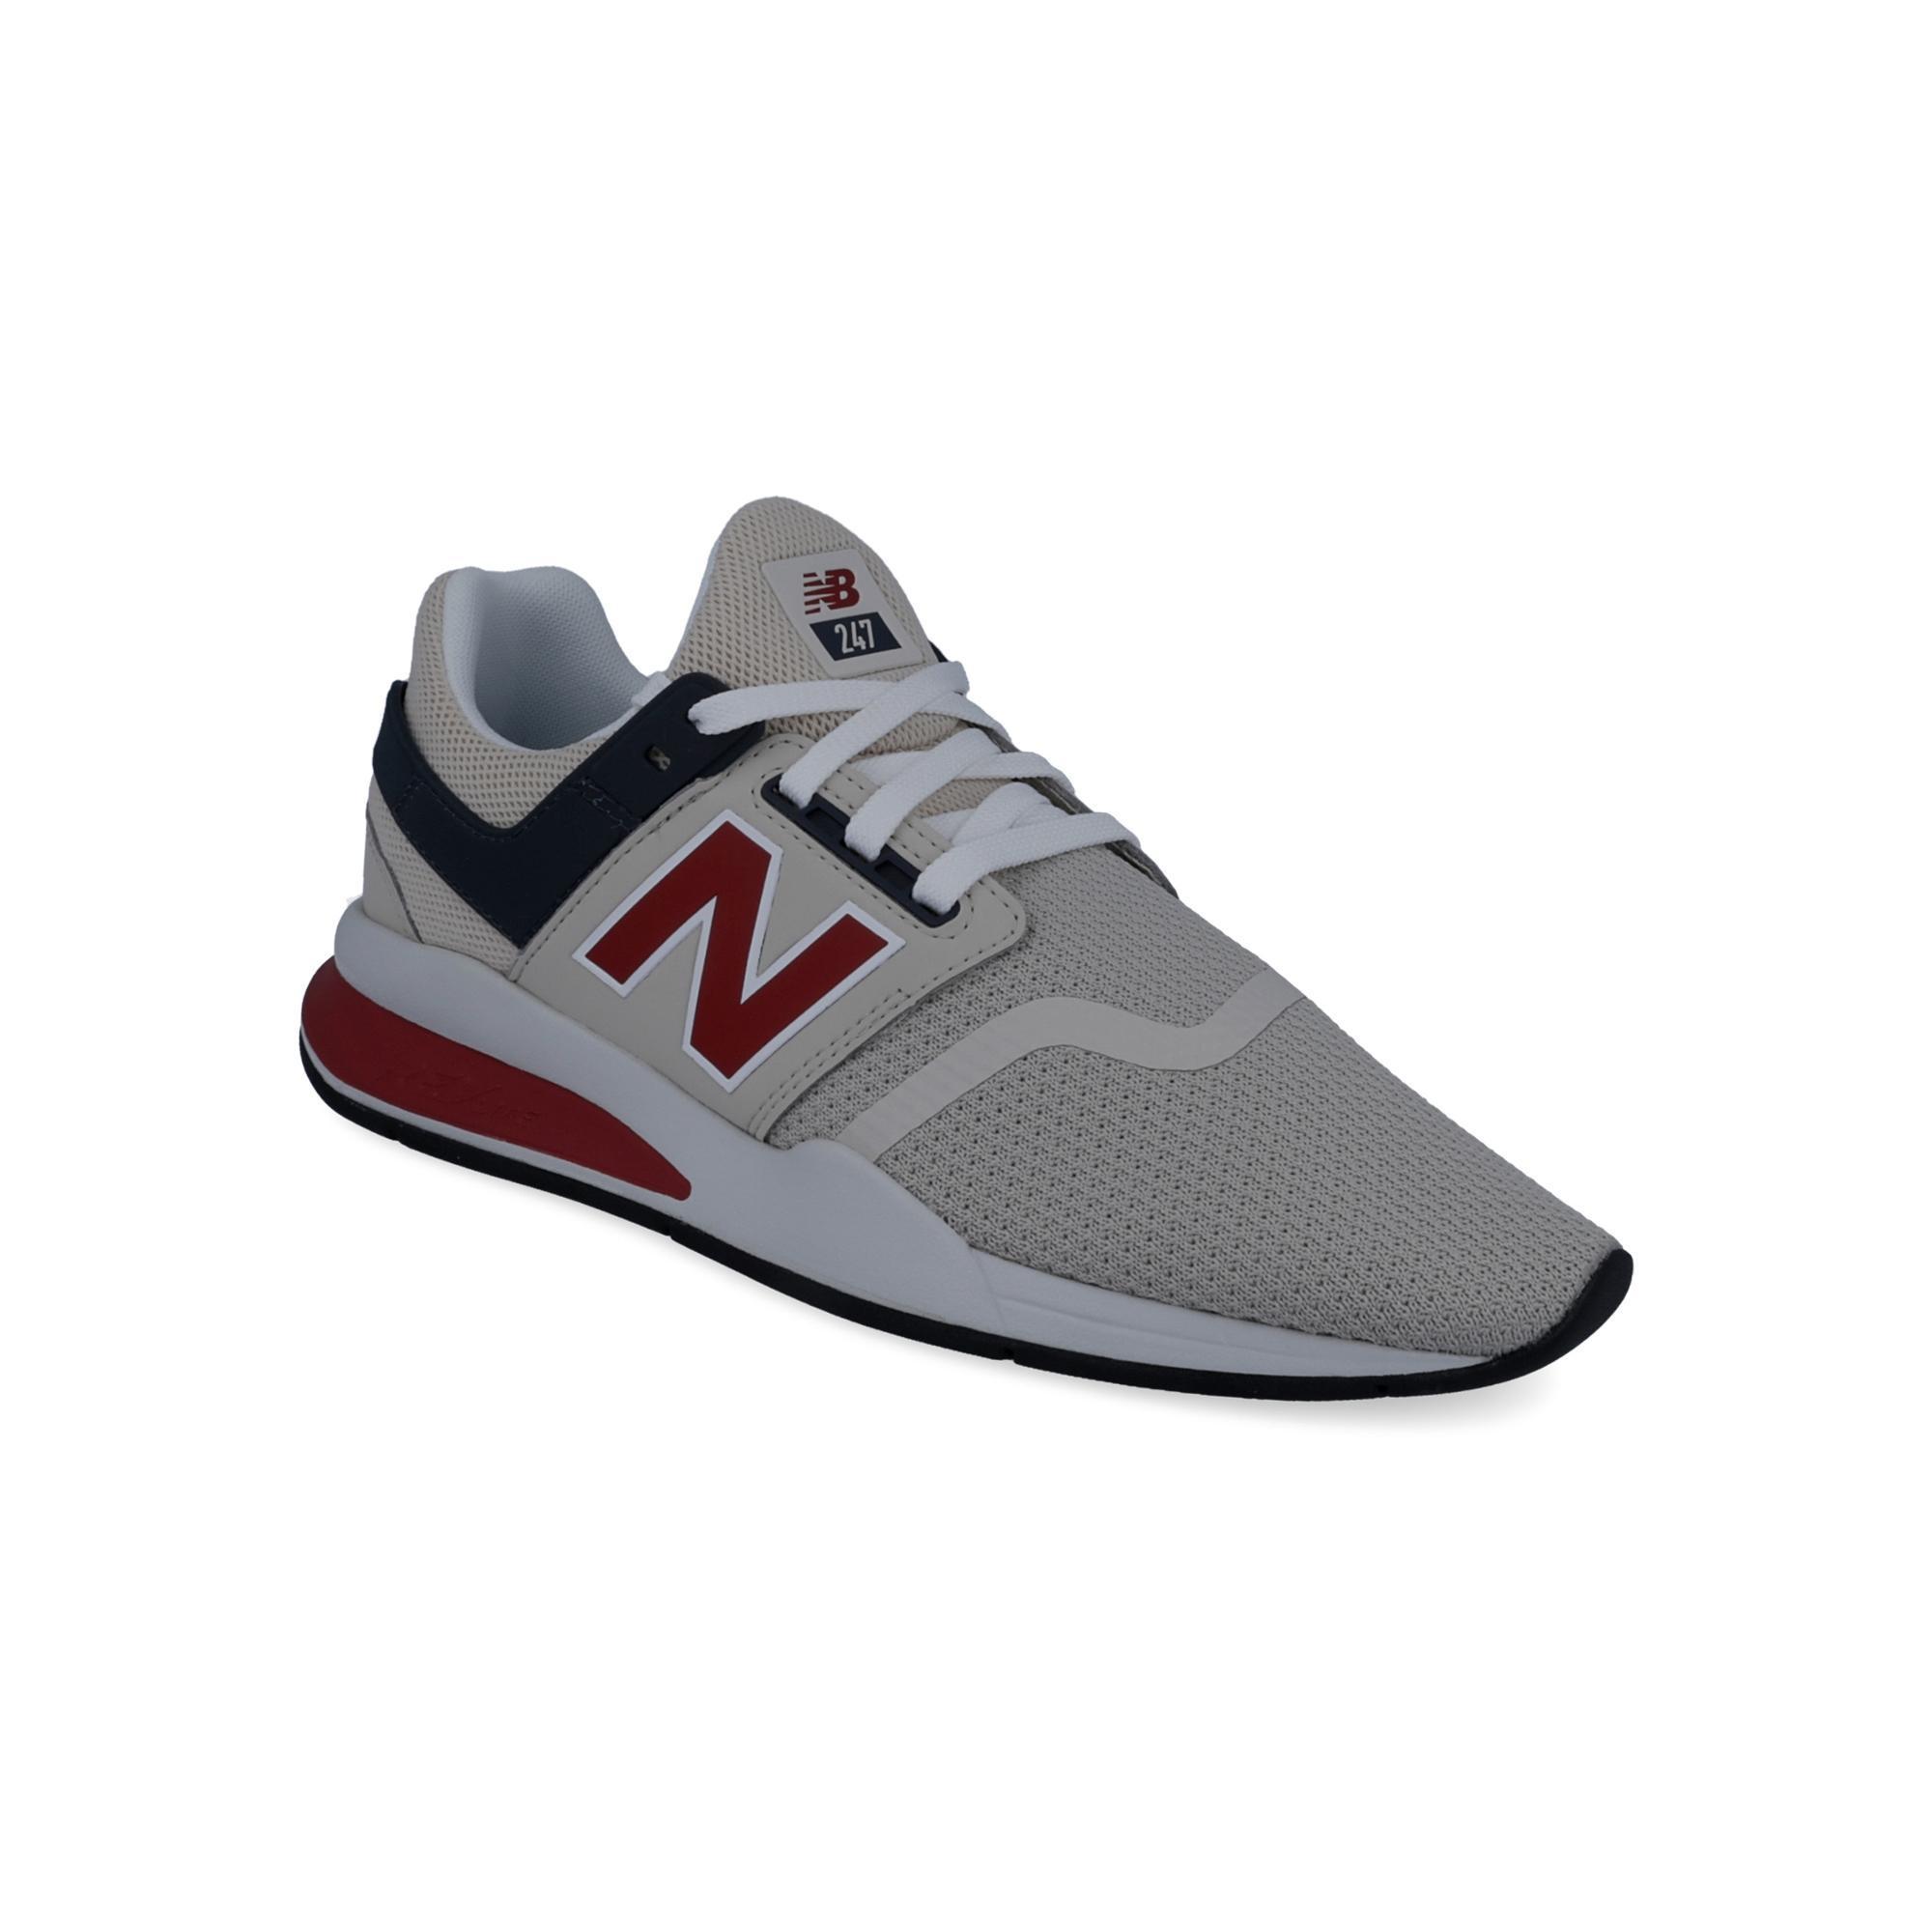 Terlaris Sepatu Fashion New Balancepria - Cek Harga Terkini dan ... 56f3b6c68c